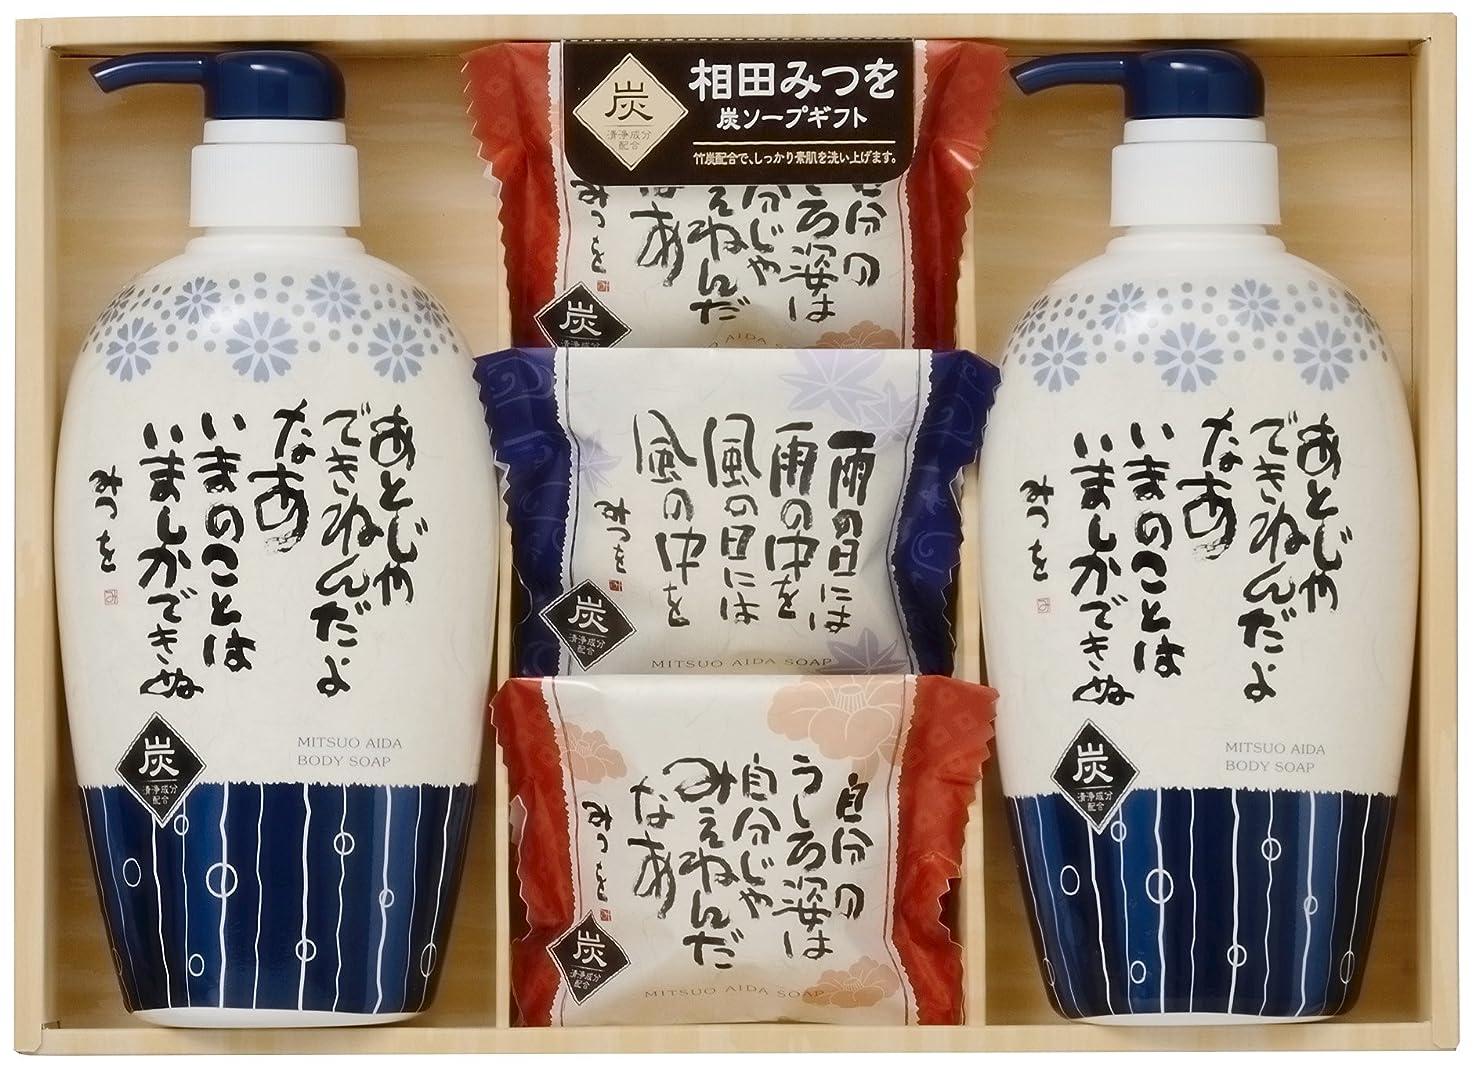 出します絶えず重要な役割を果たす、中心的な手段となる田中太商店 ギフト 相田みつを炭ソープセット YKA-25